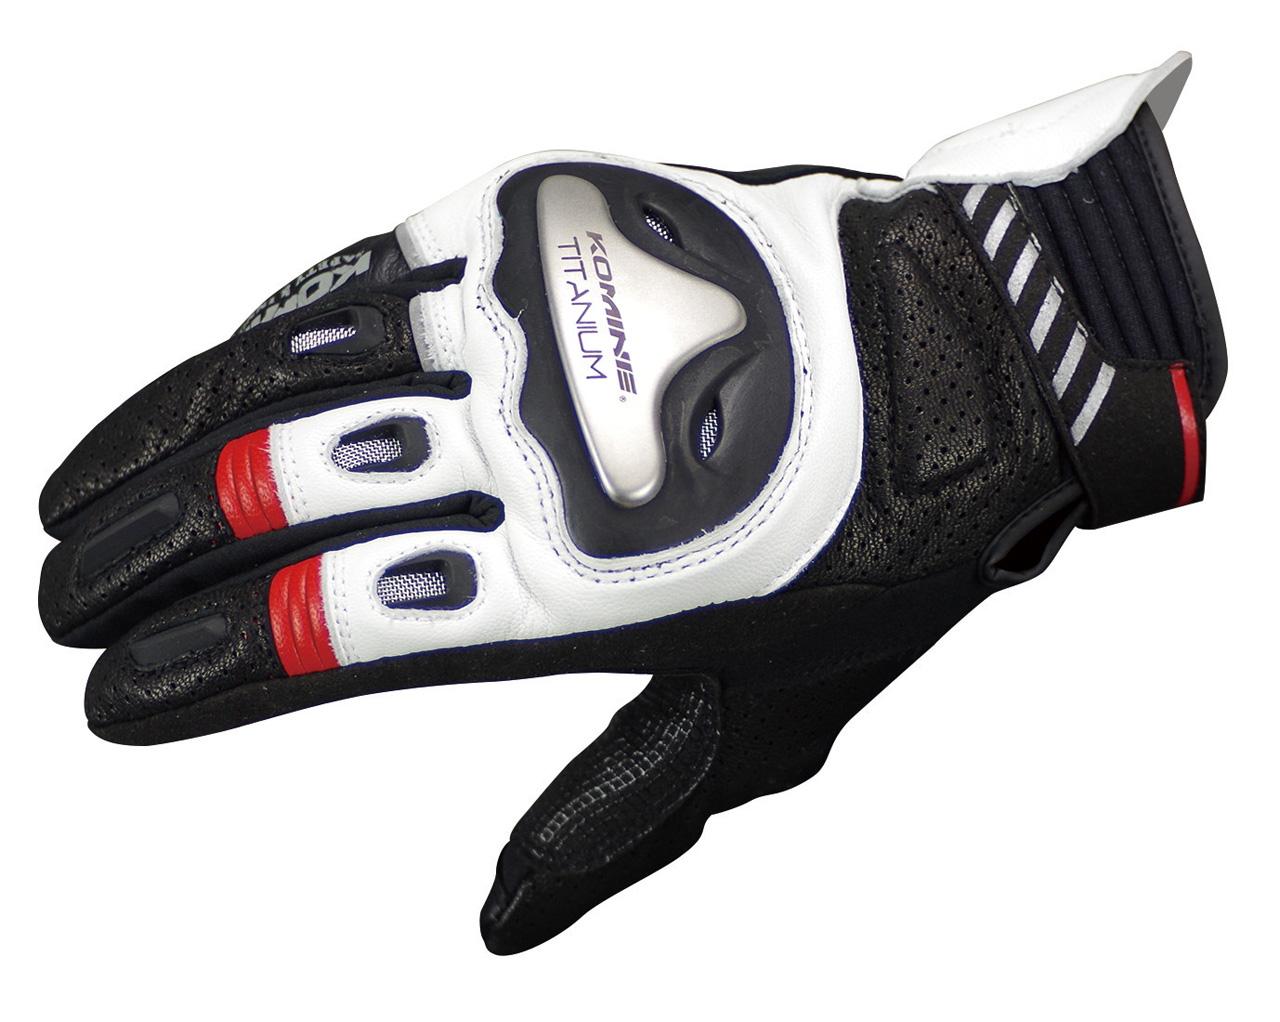 GK-200 Super Fit Titanium Leather Gloves R Spec